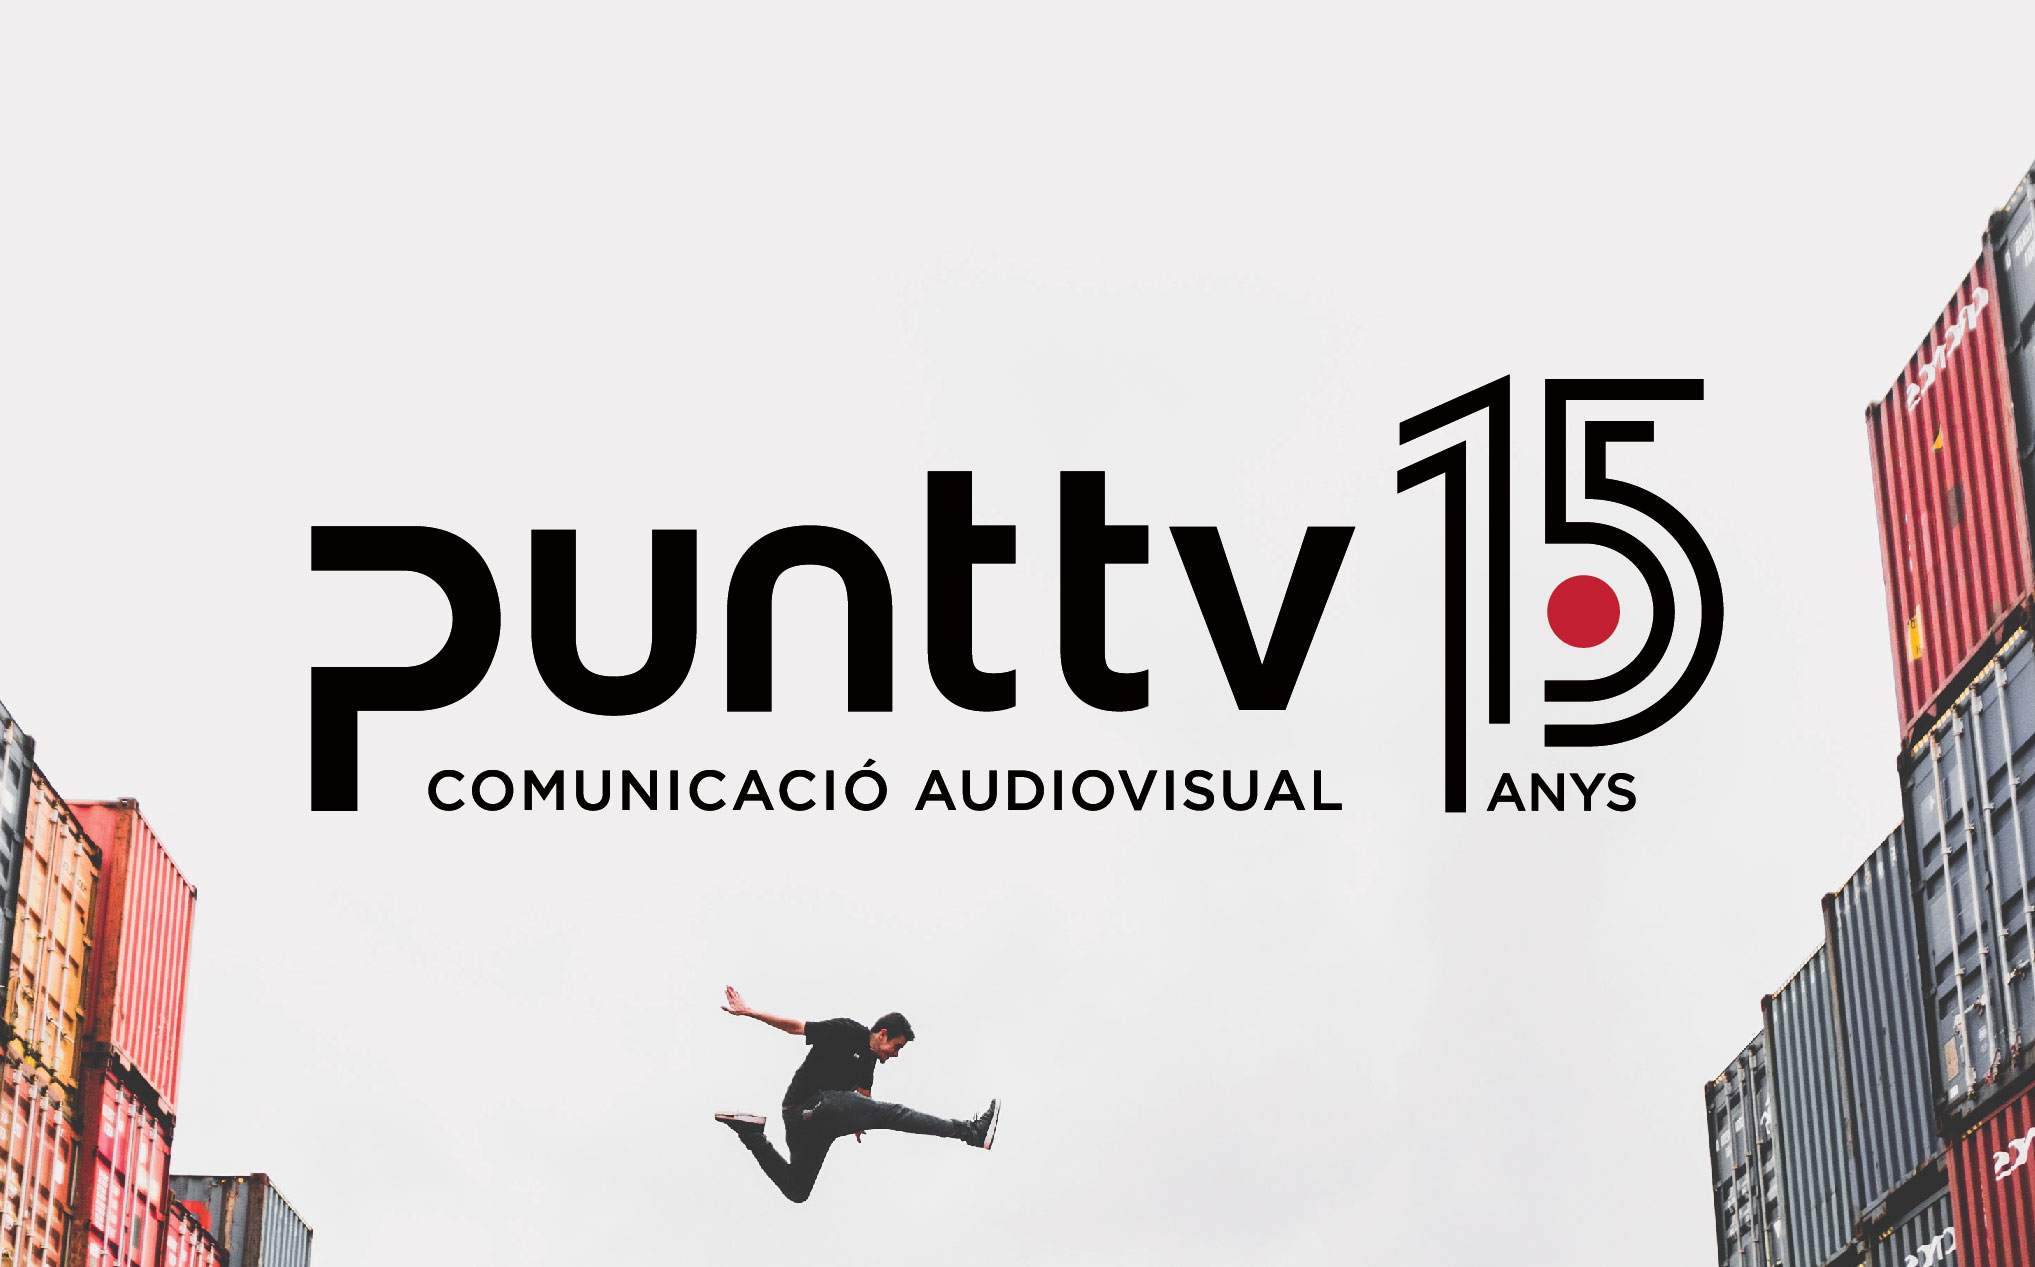 Punt TV Comunicació Audiovisual 15 anys Disculpi Studio Disseny Grafic Vilafranca del Penedes Graphic Design Barcelona Angels Pinyol Carla Elias - PUNT TV. Disseny logotip 15 anys. Vilafranca del Penedès.